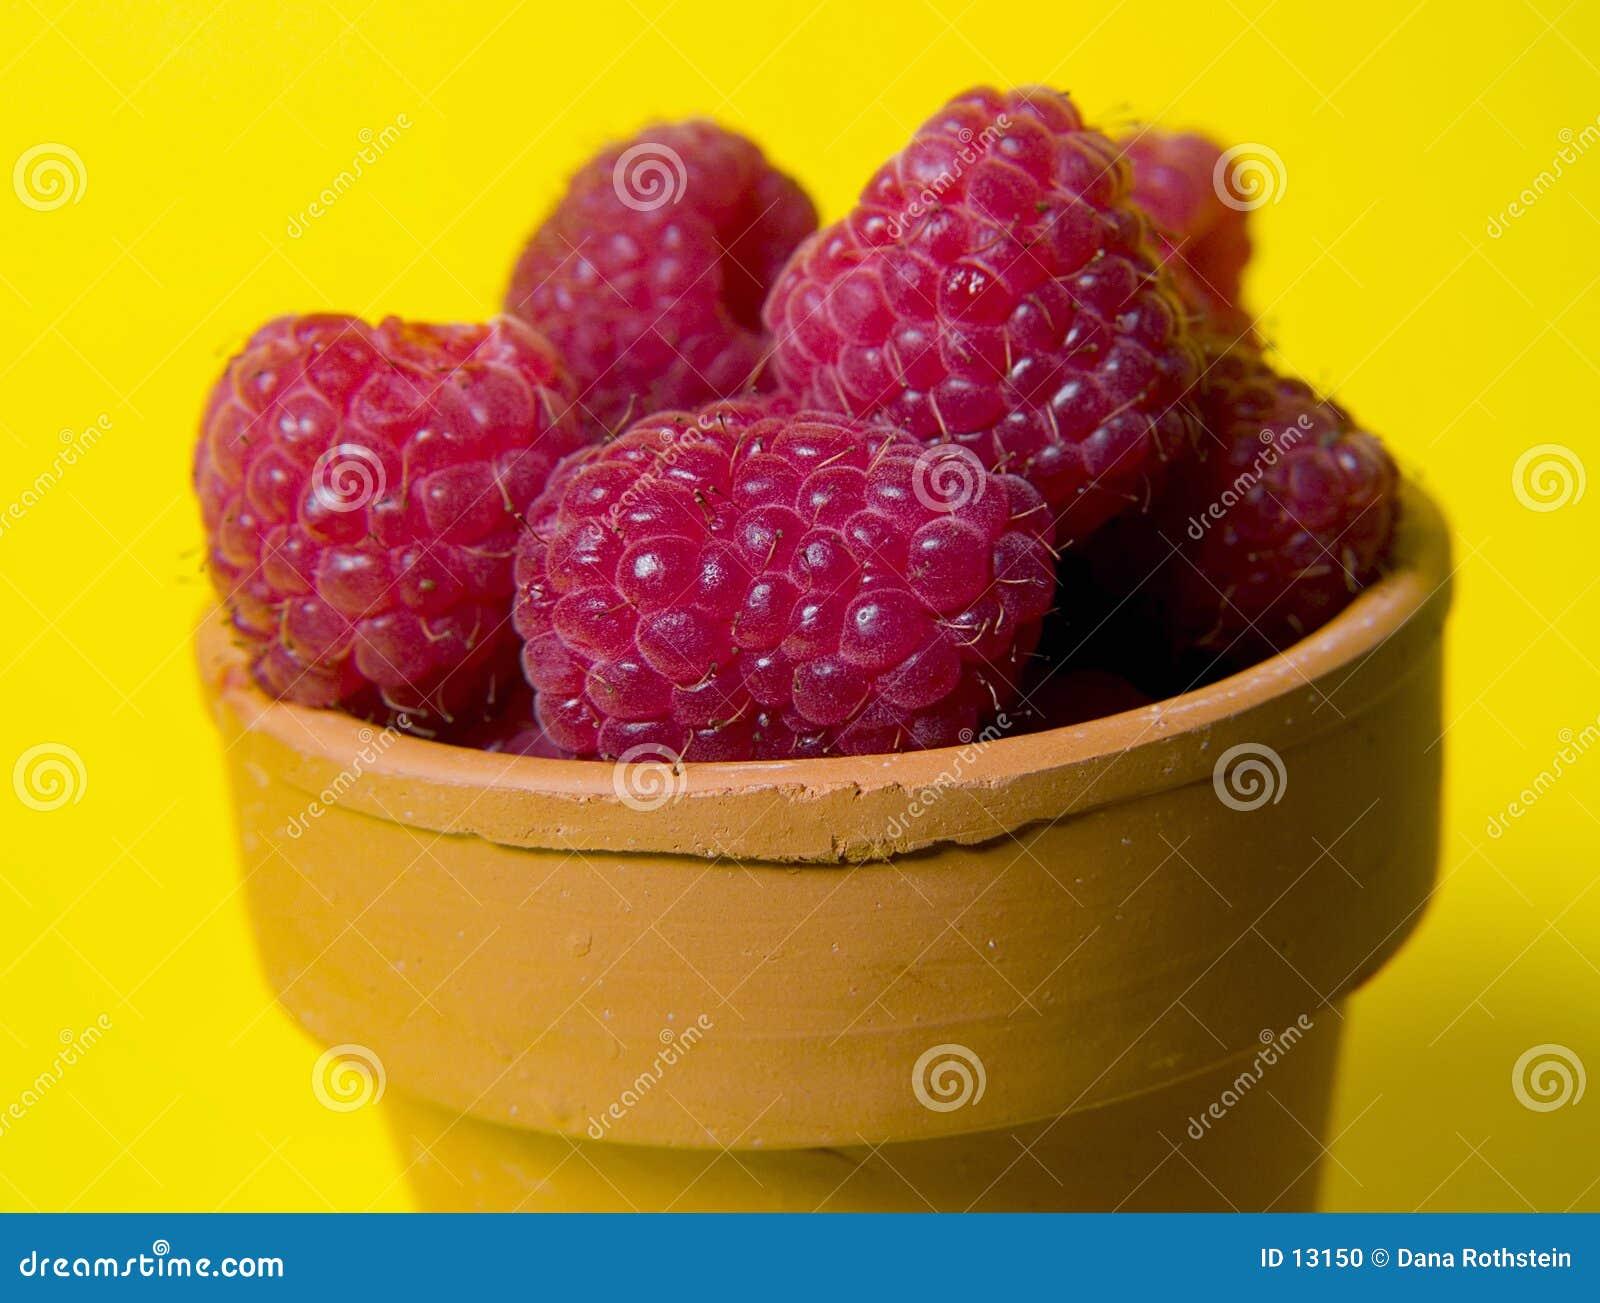 Rasberries In Pot